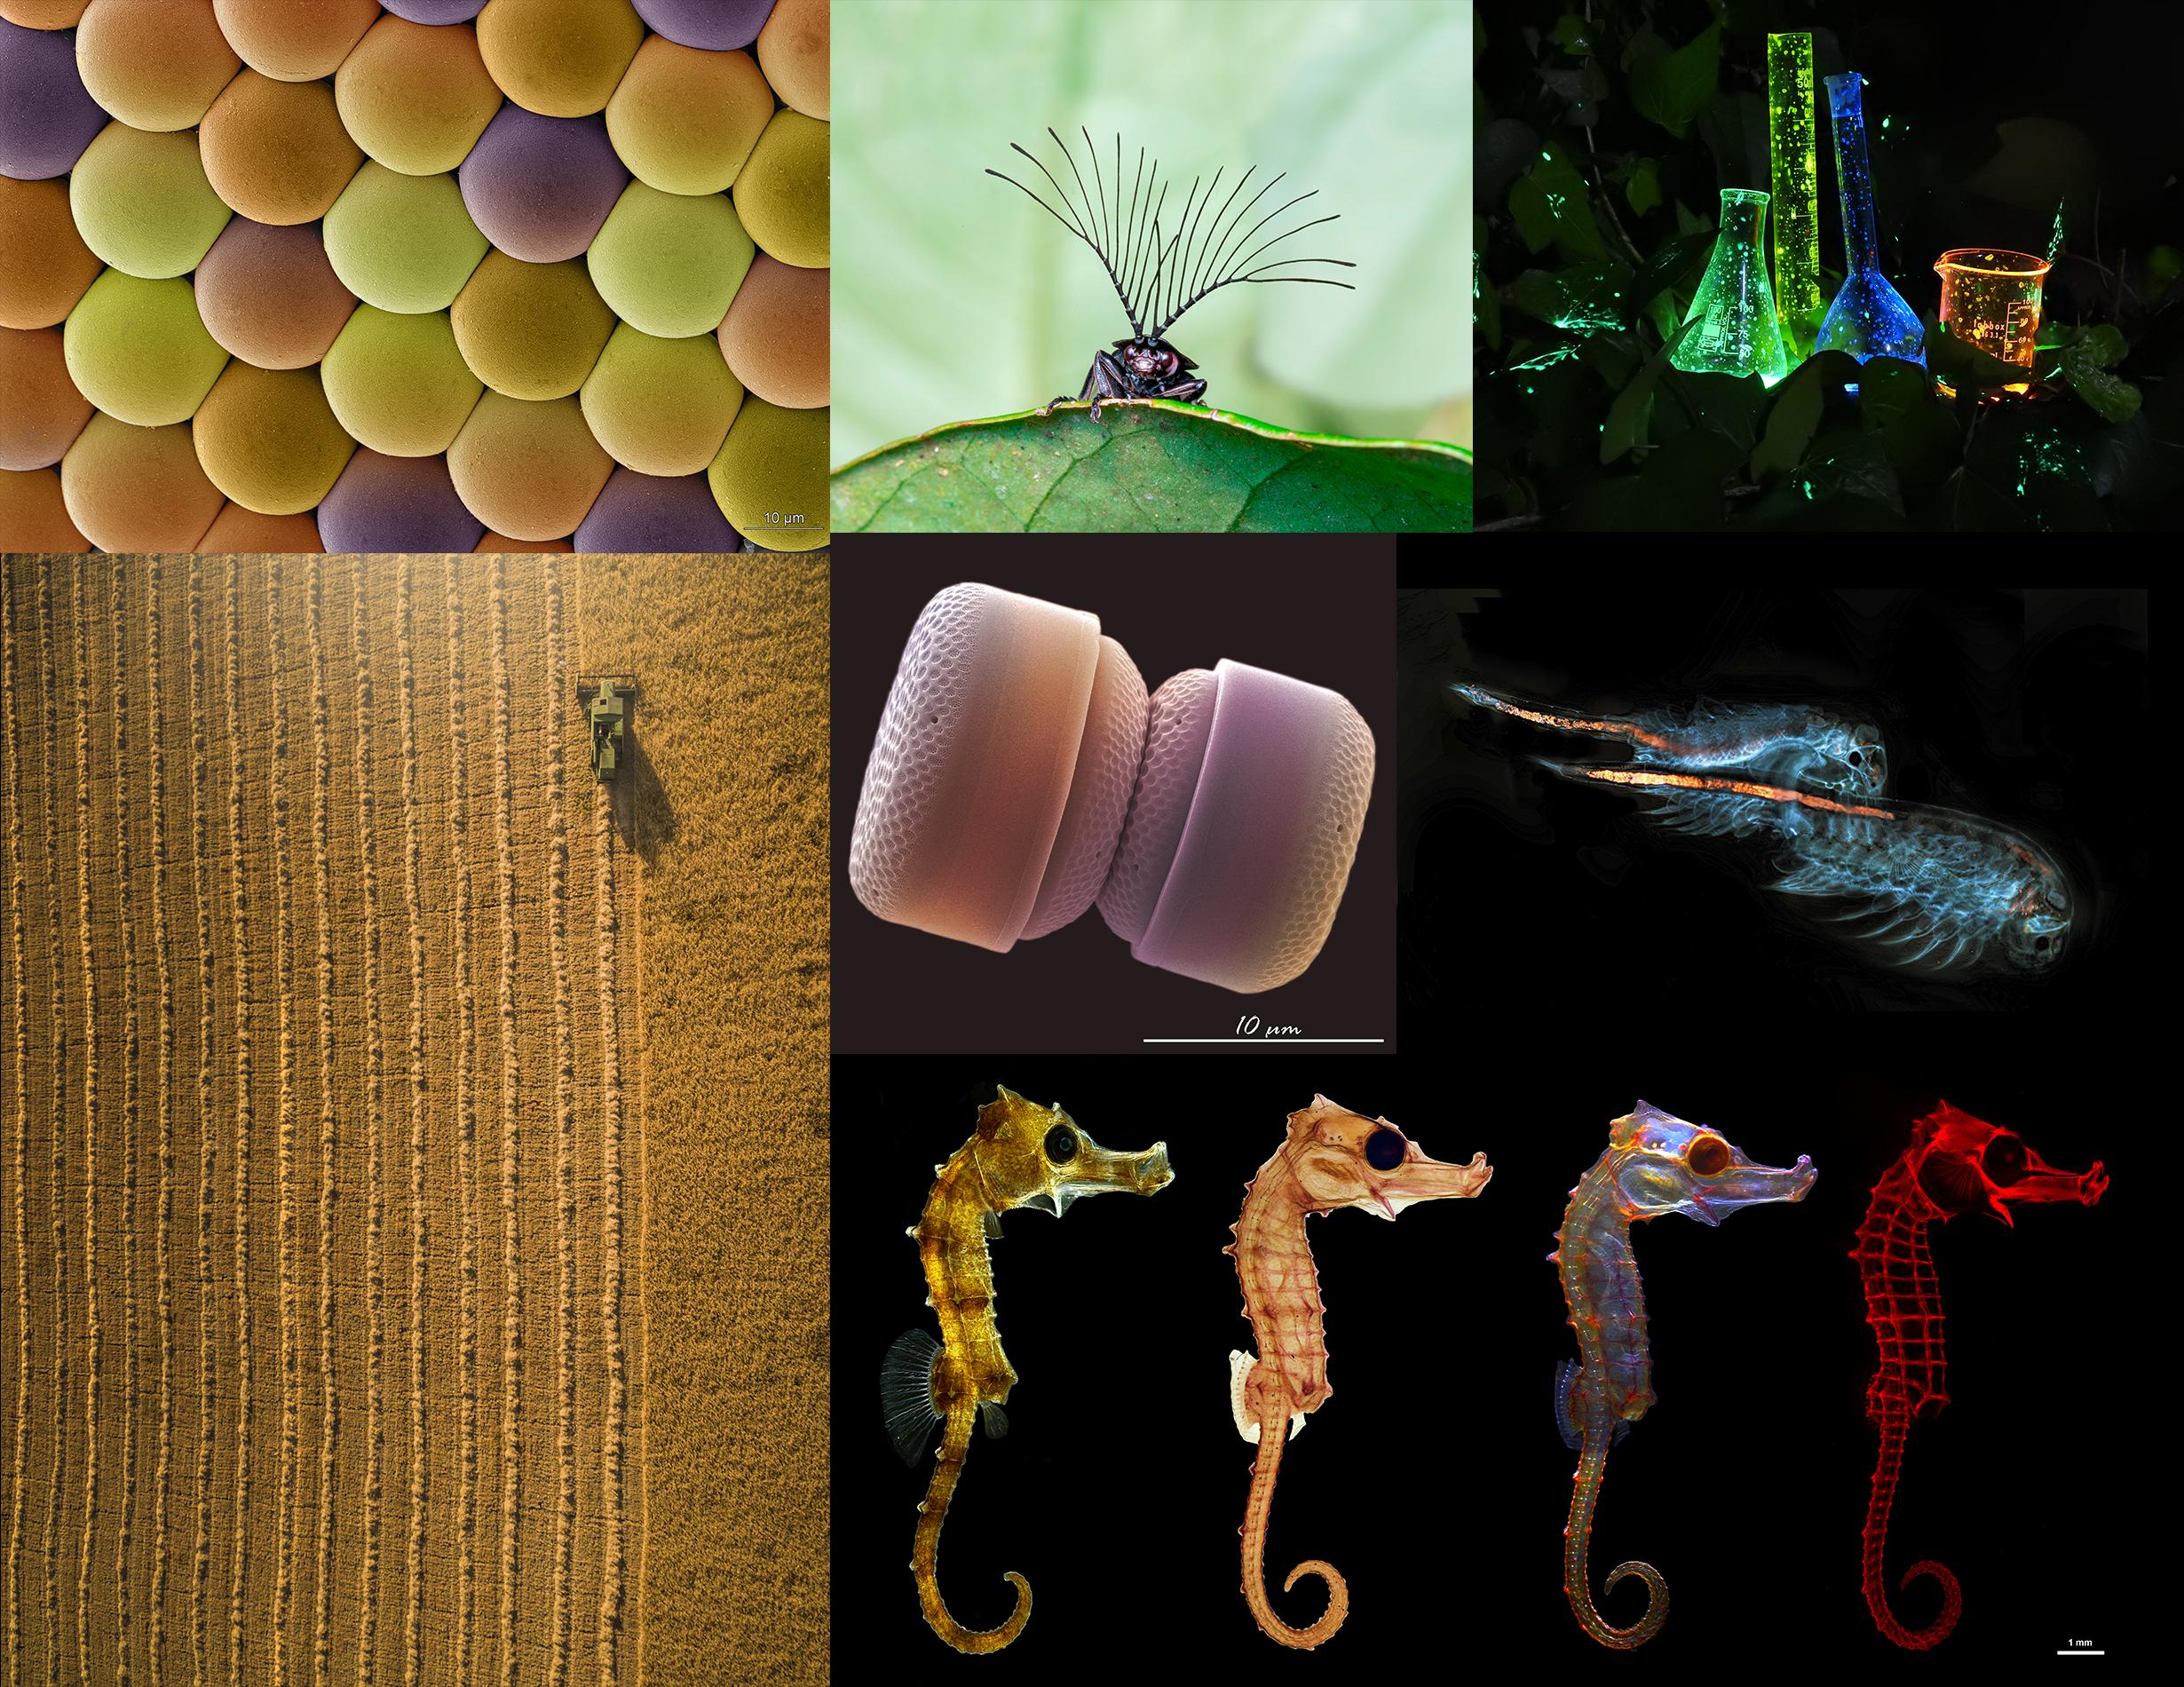 Las siete capturas seleccionadas. Imagen cedida por el CSIC / Fotociencia